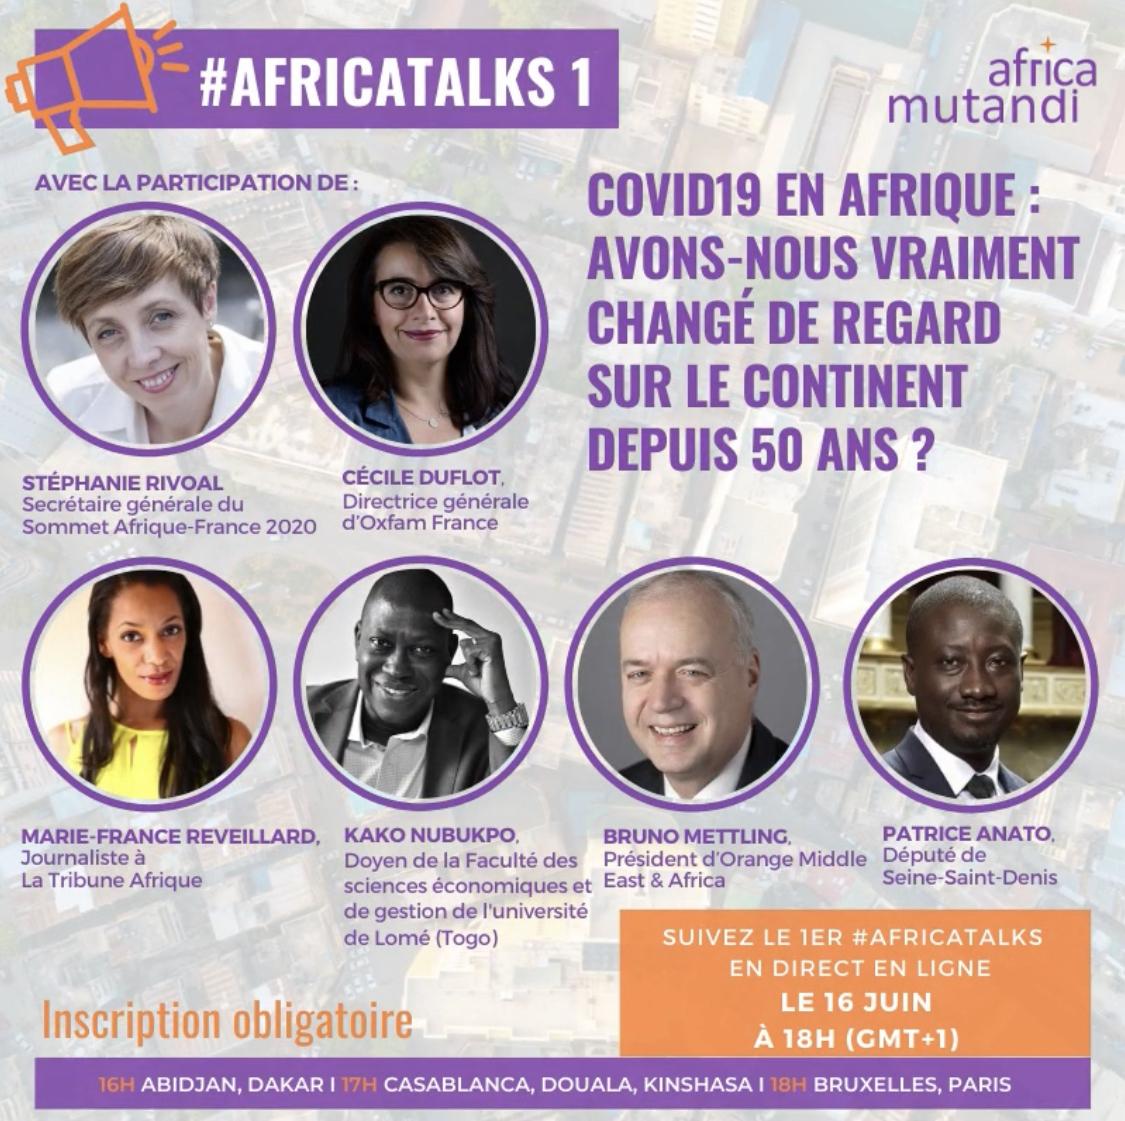 Covid19 en Afrique, avons-nous vraiment changé de regard sur le continent depuis 50 ans ?